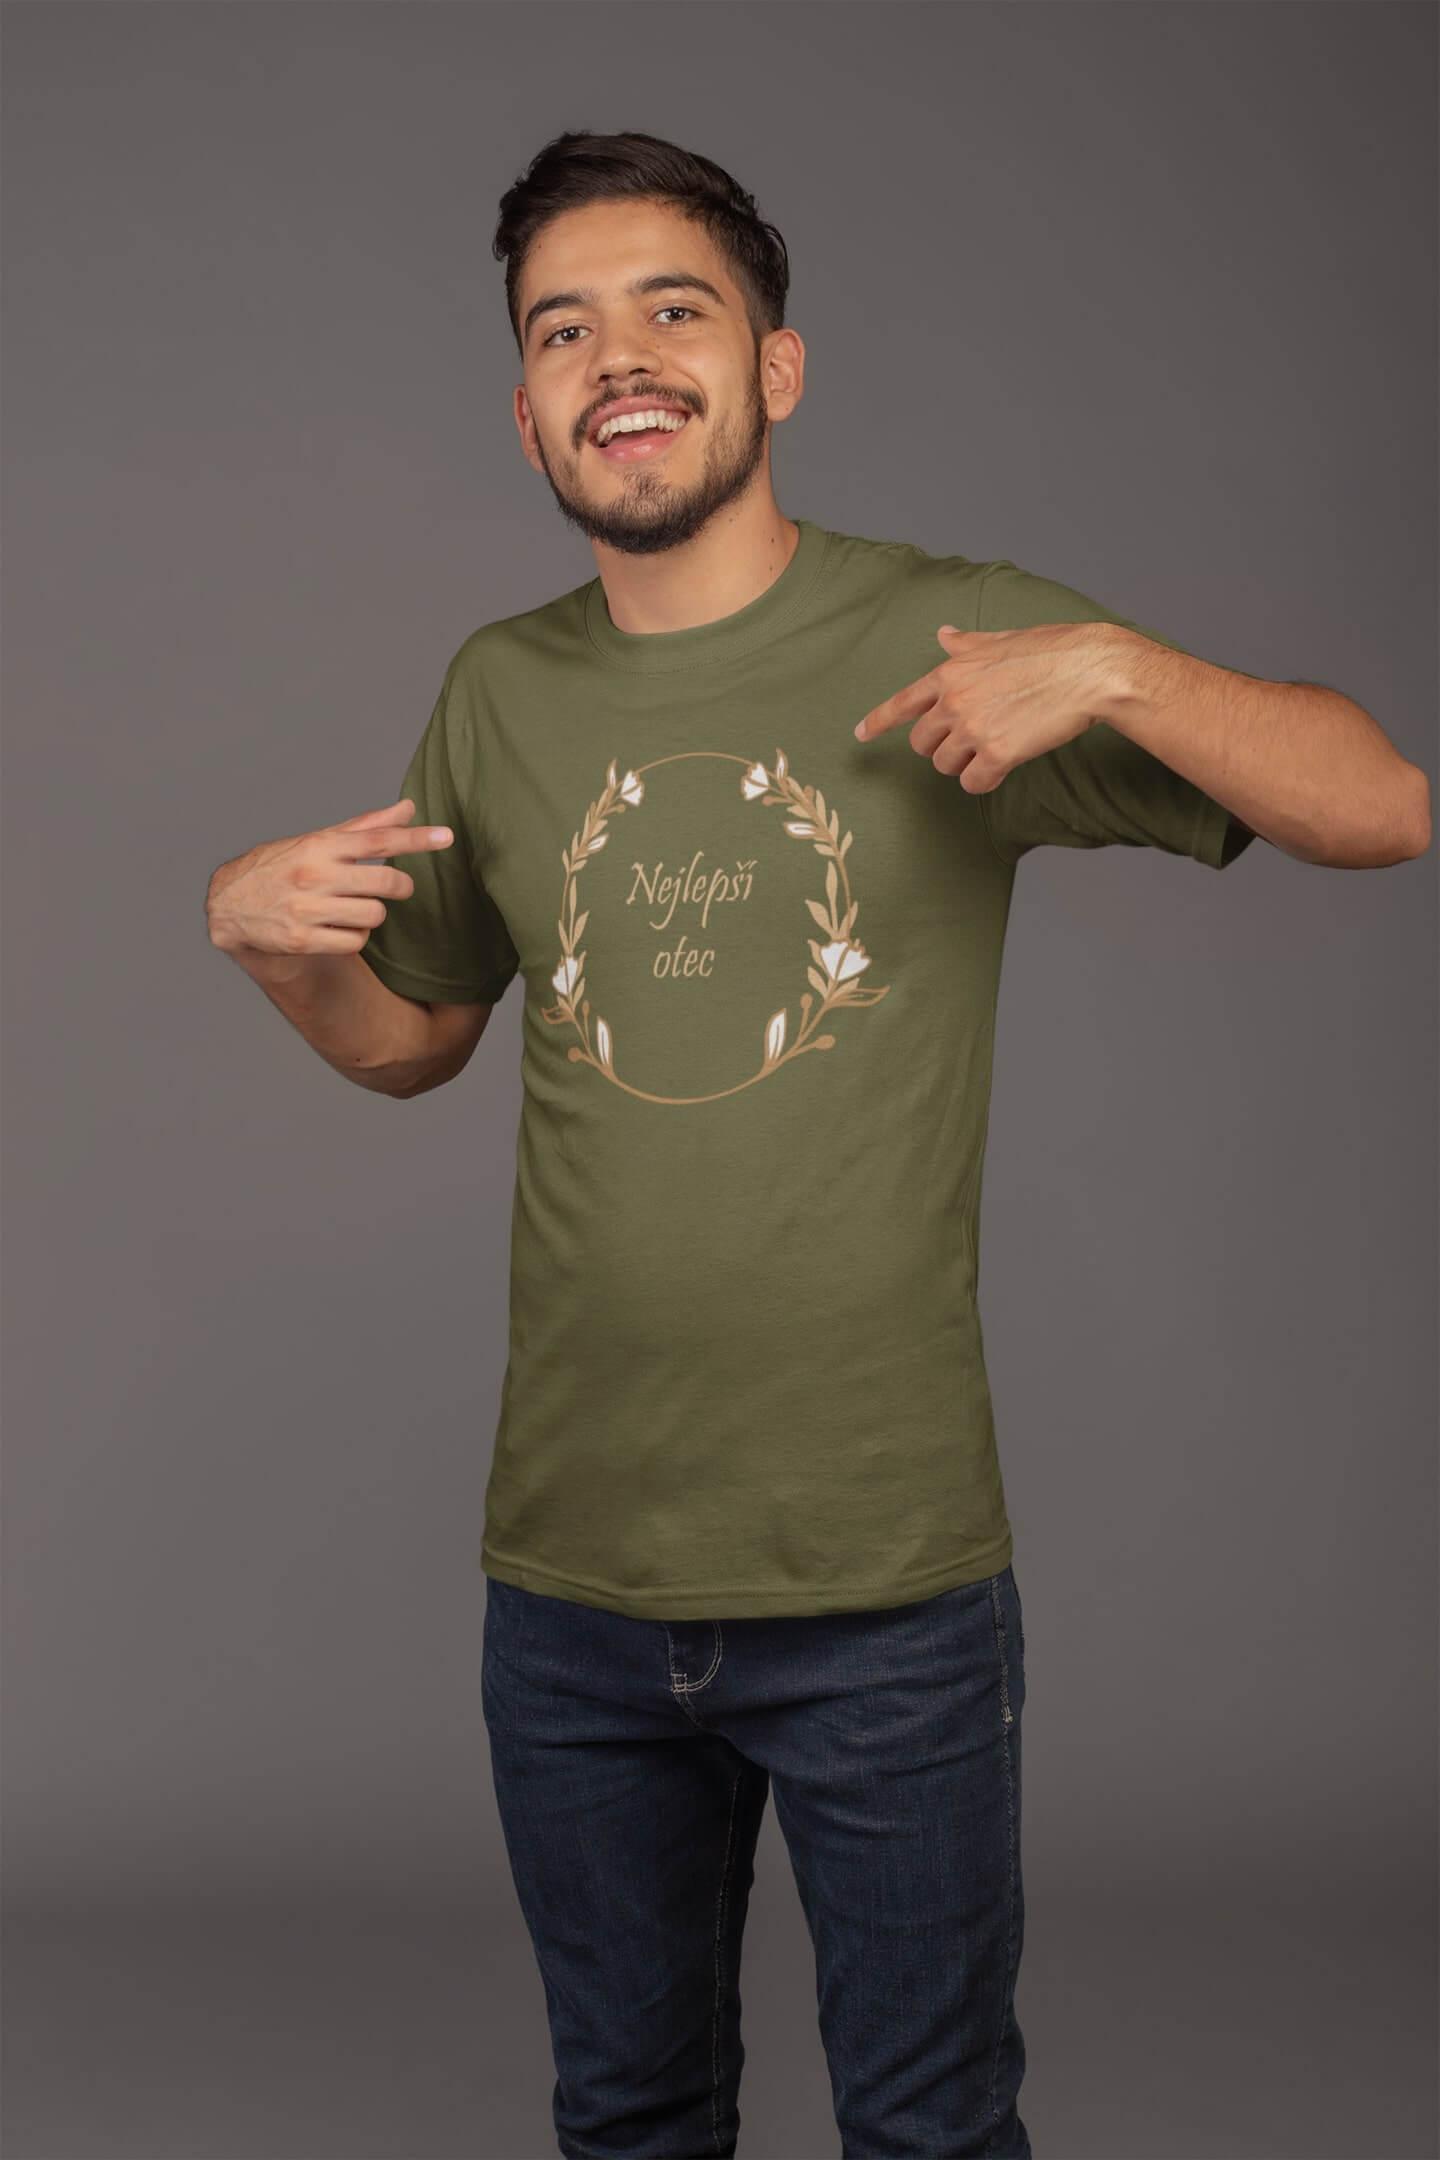 MMO Pánske tričko pre otca Najlepší otec Vyberte farbu: Khaki, Vyberte veľkosť: XS